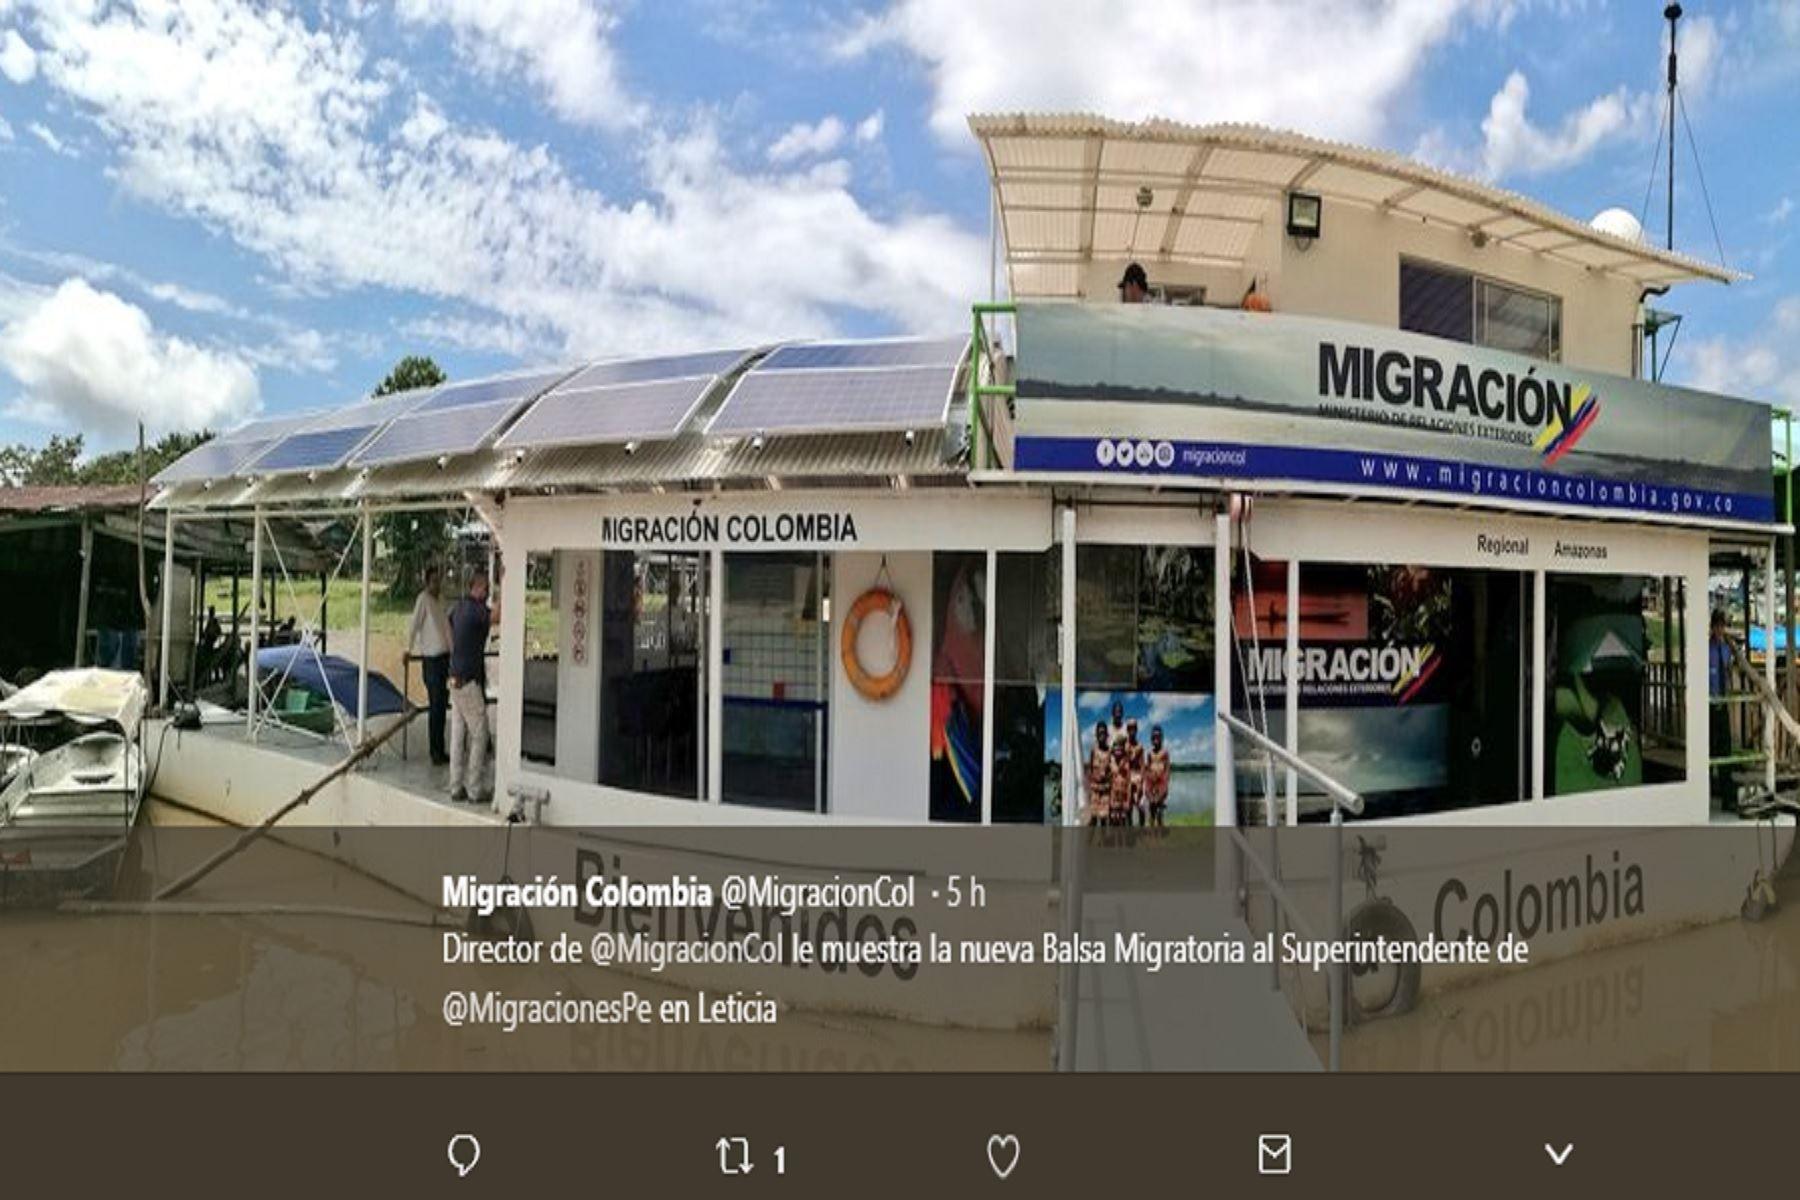 La Balsa Migratoria, construida por Colombia, tiene a bordo inspectores migratorios peruanos y colombianos.